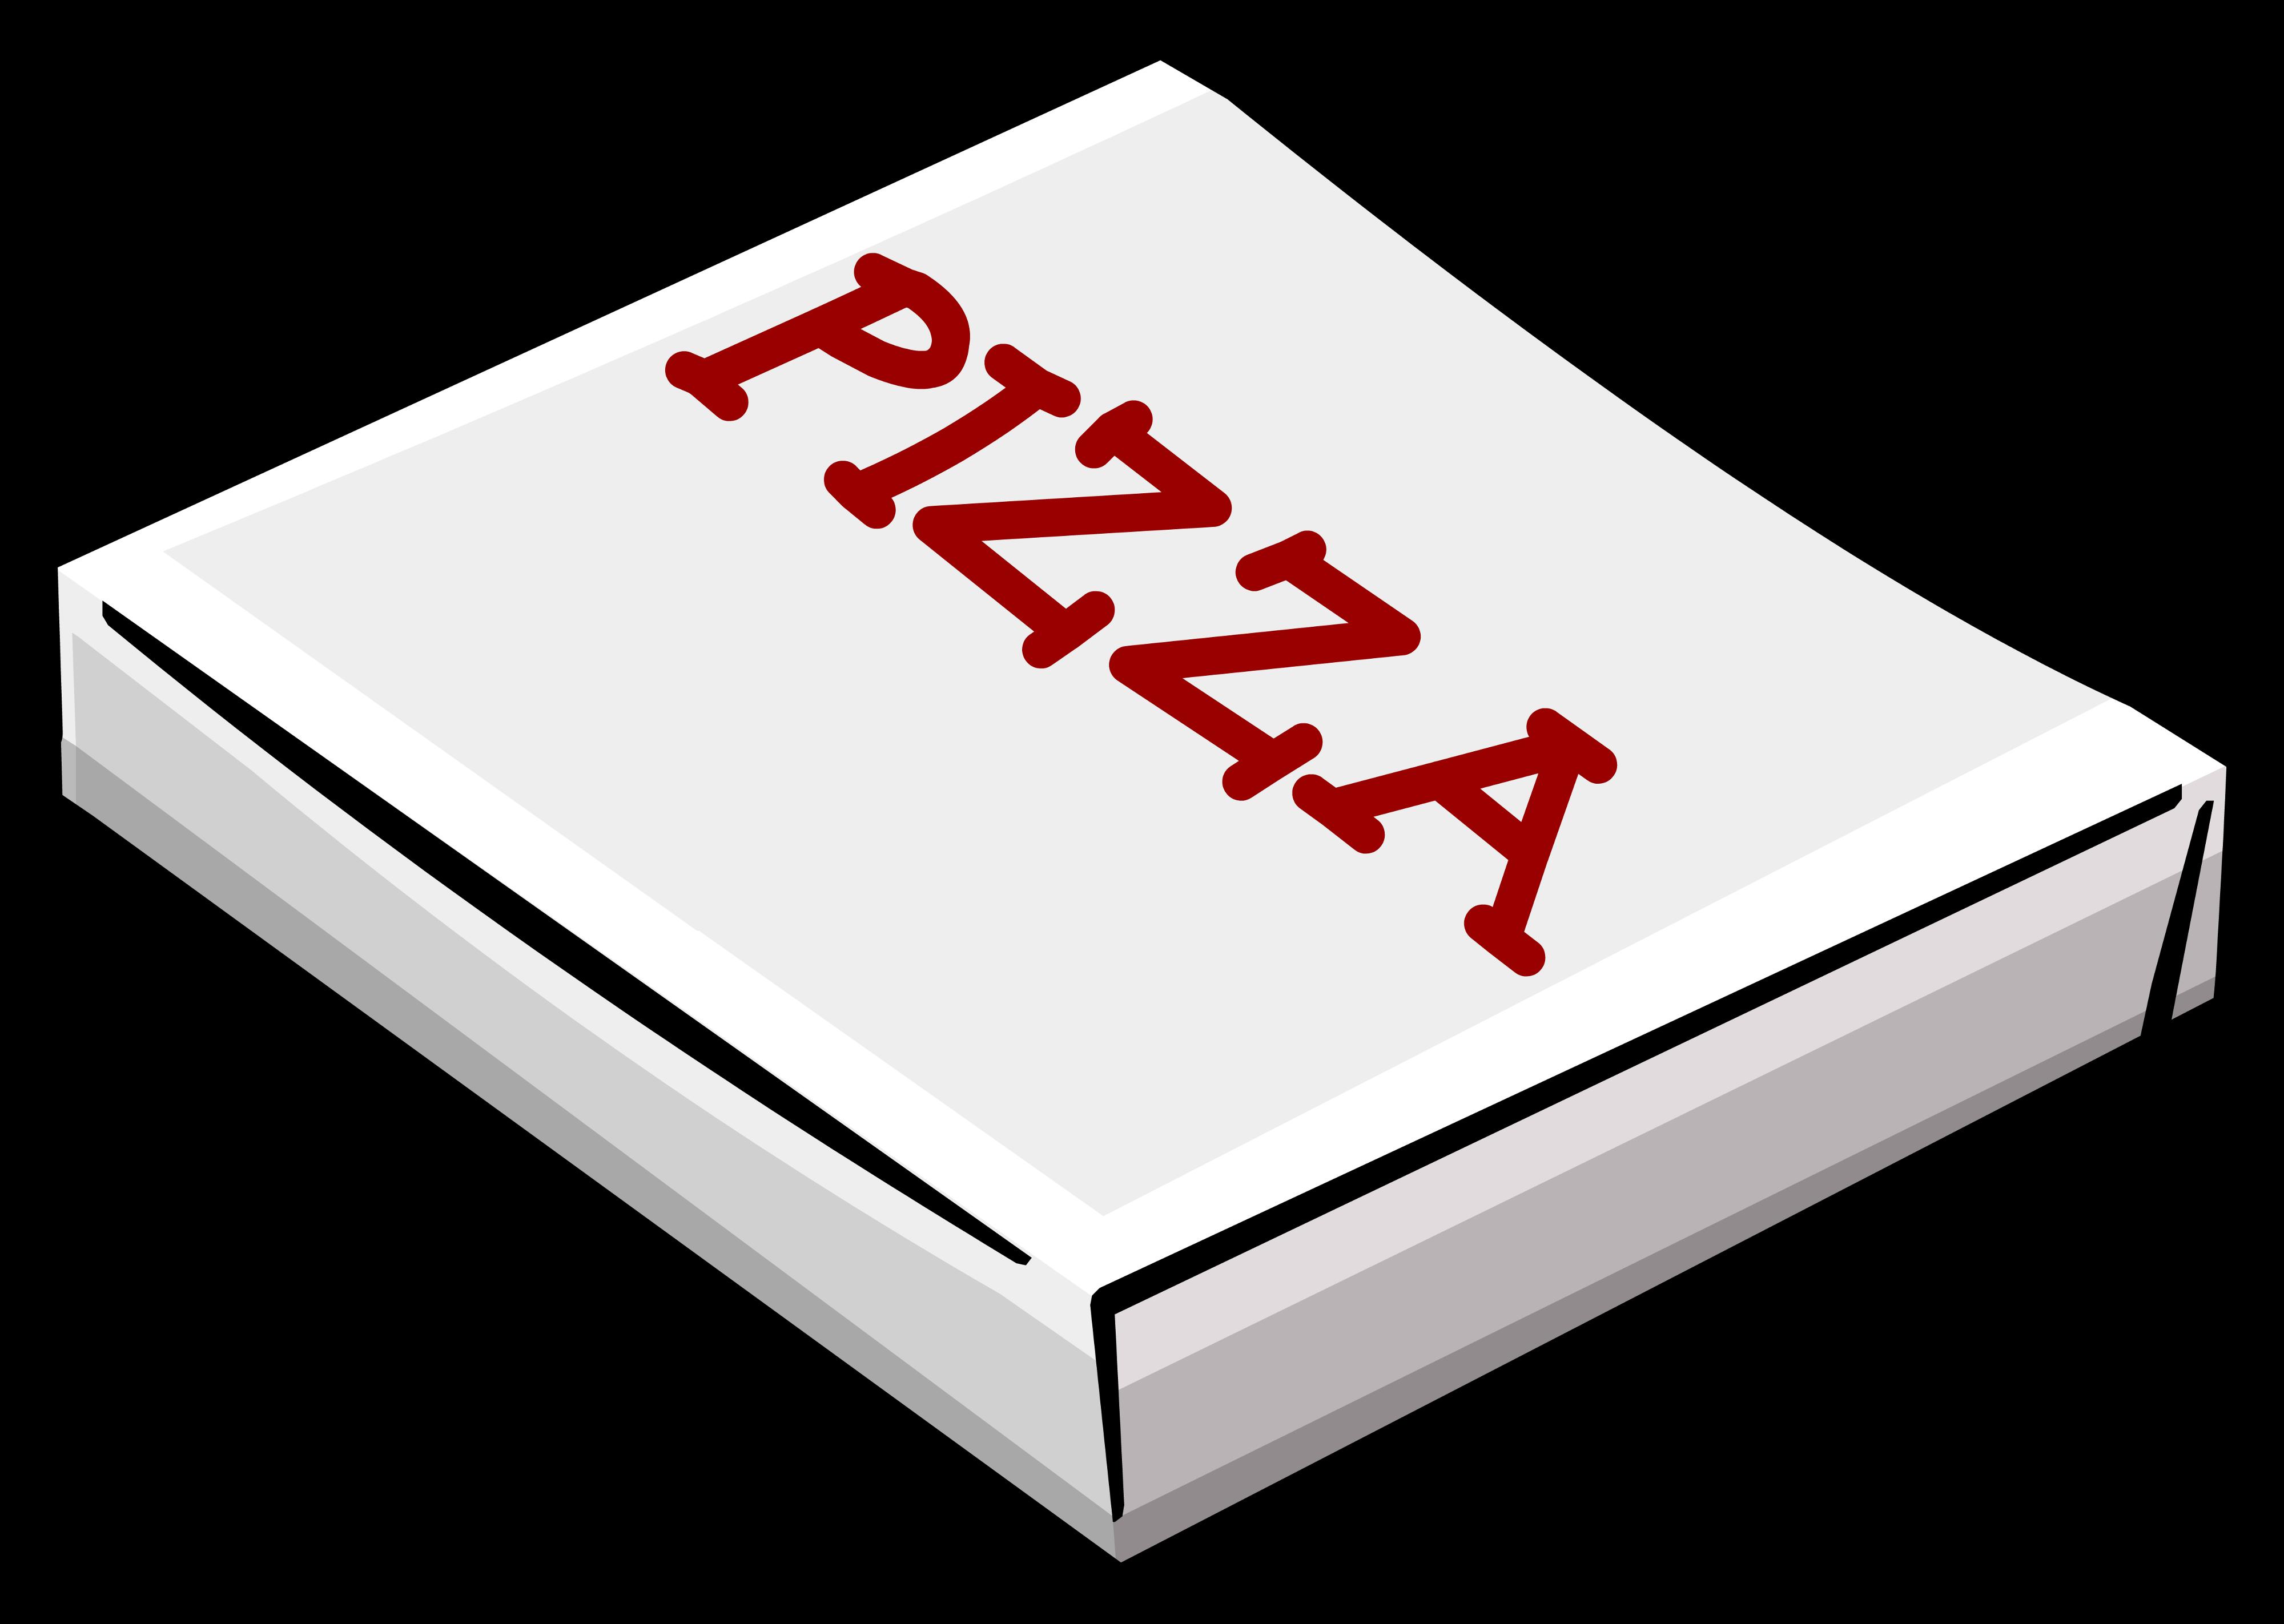 Box of Pizza (award)